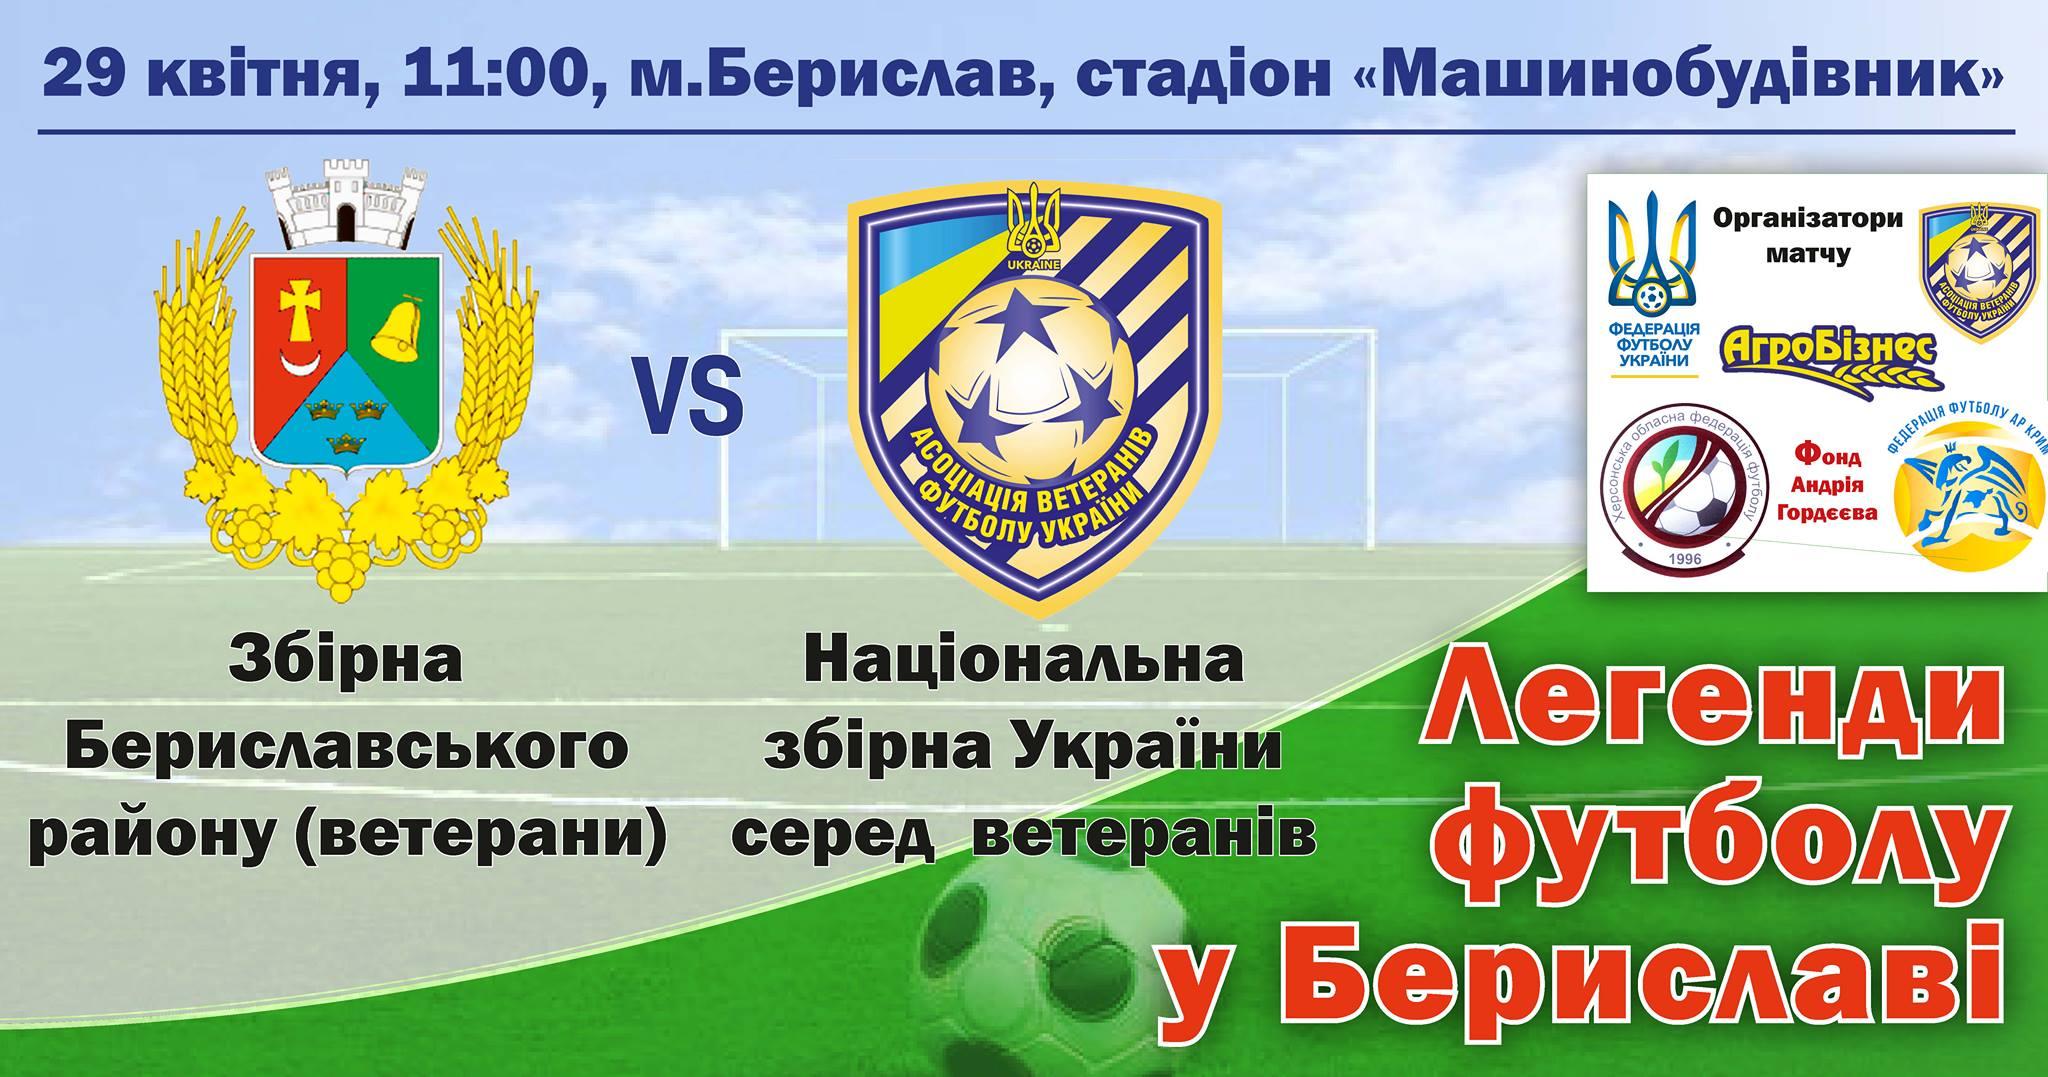 Легенди футболу у Бериславі